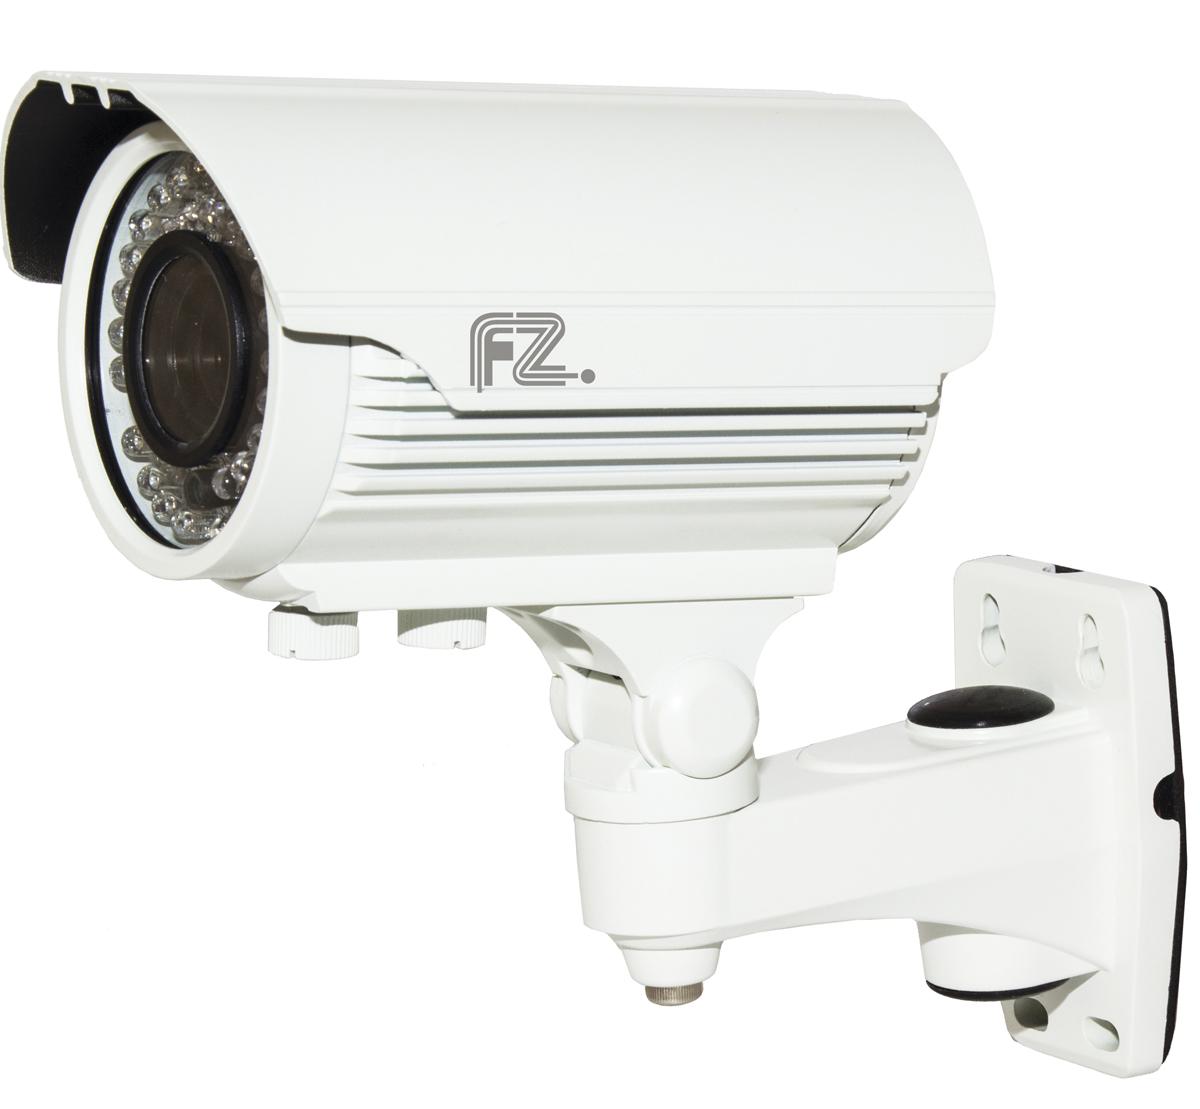 Fazera FZ-VIR42-1080(N) камера видеонаблюденияFZ-VIR42-1080 (N)IP Видеокамера купольная уличная с ИК подсветкой c разрешением 1080p и вариофокальным объективом 2.8-12мм